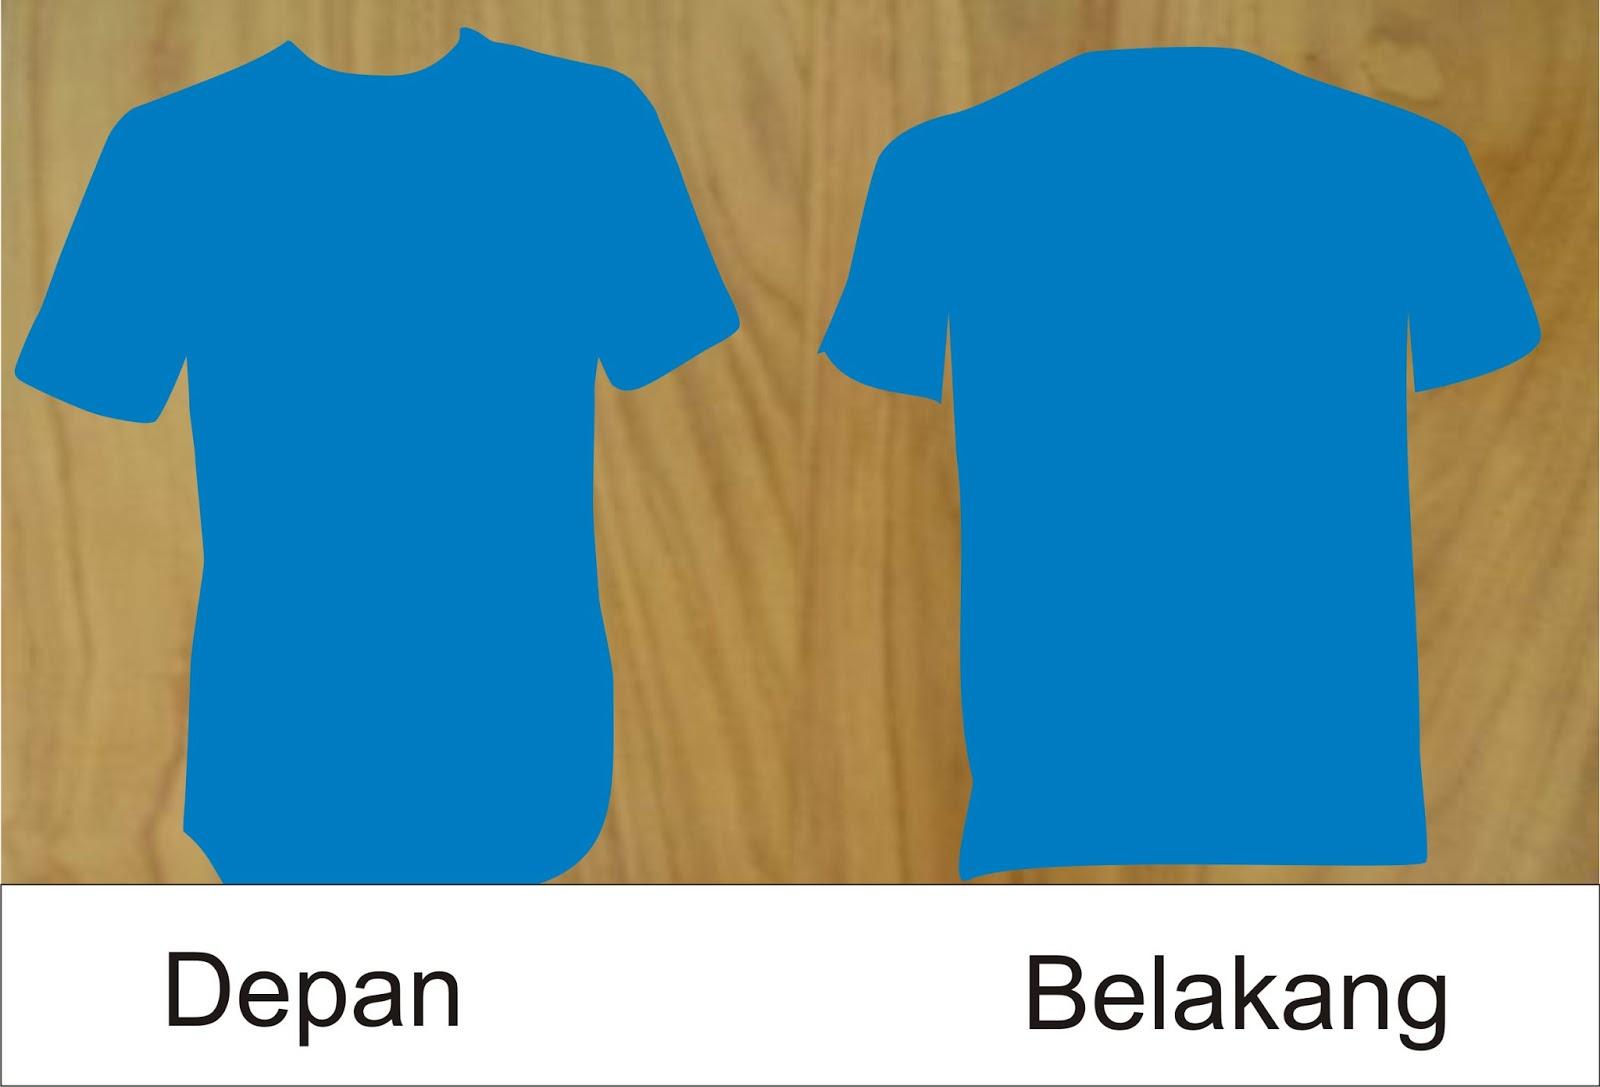 57 Inspirasi Gambar Kaos Polos Warna Biru Depan Belakang Warna Kaos